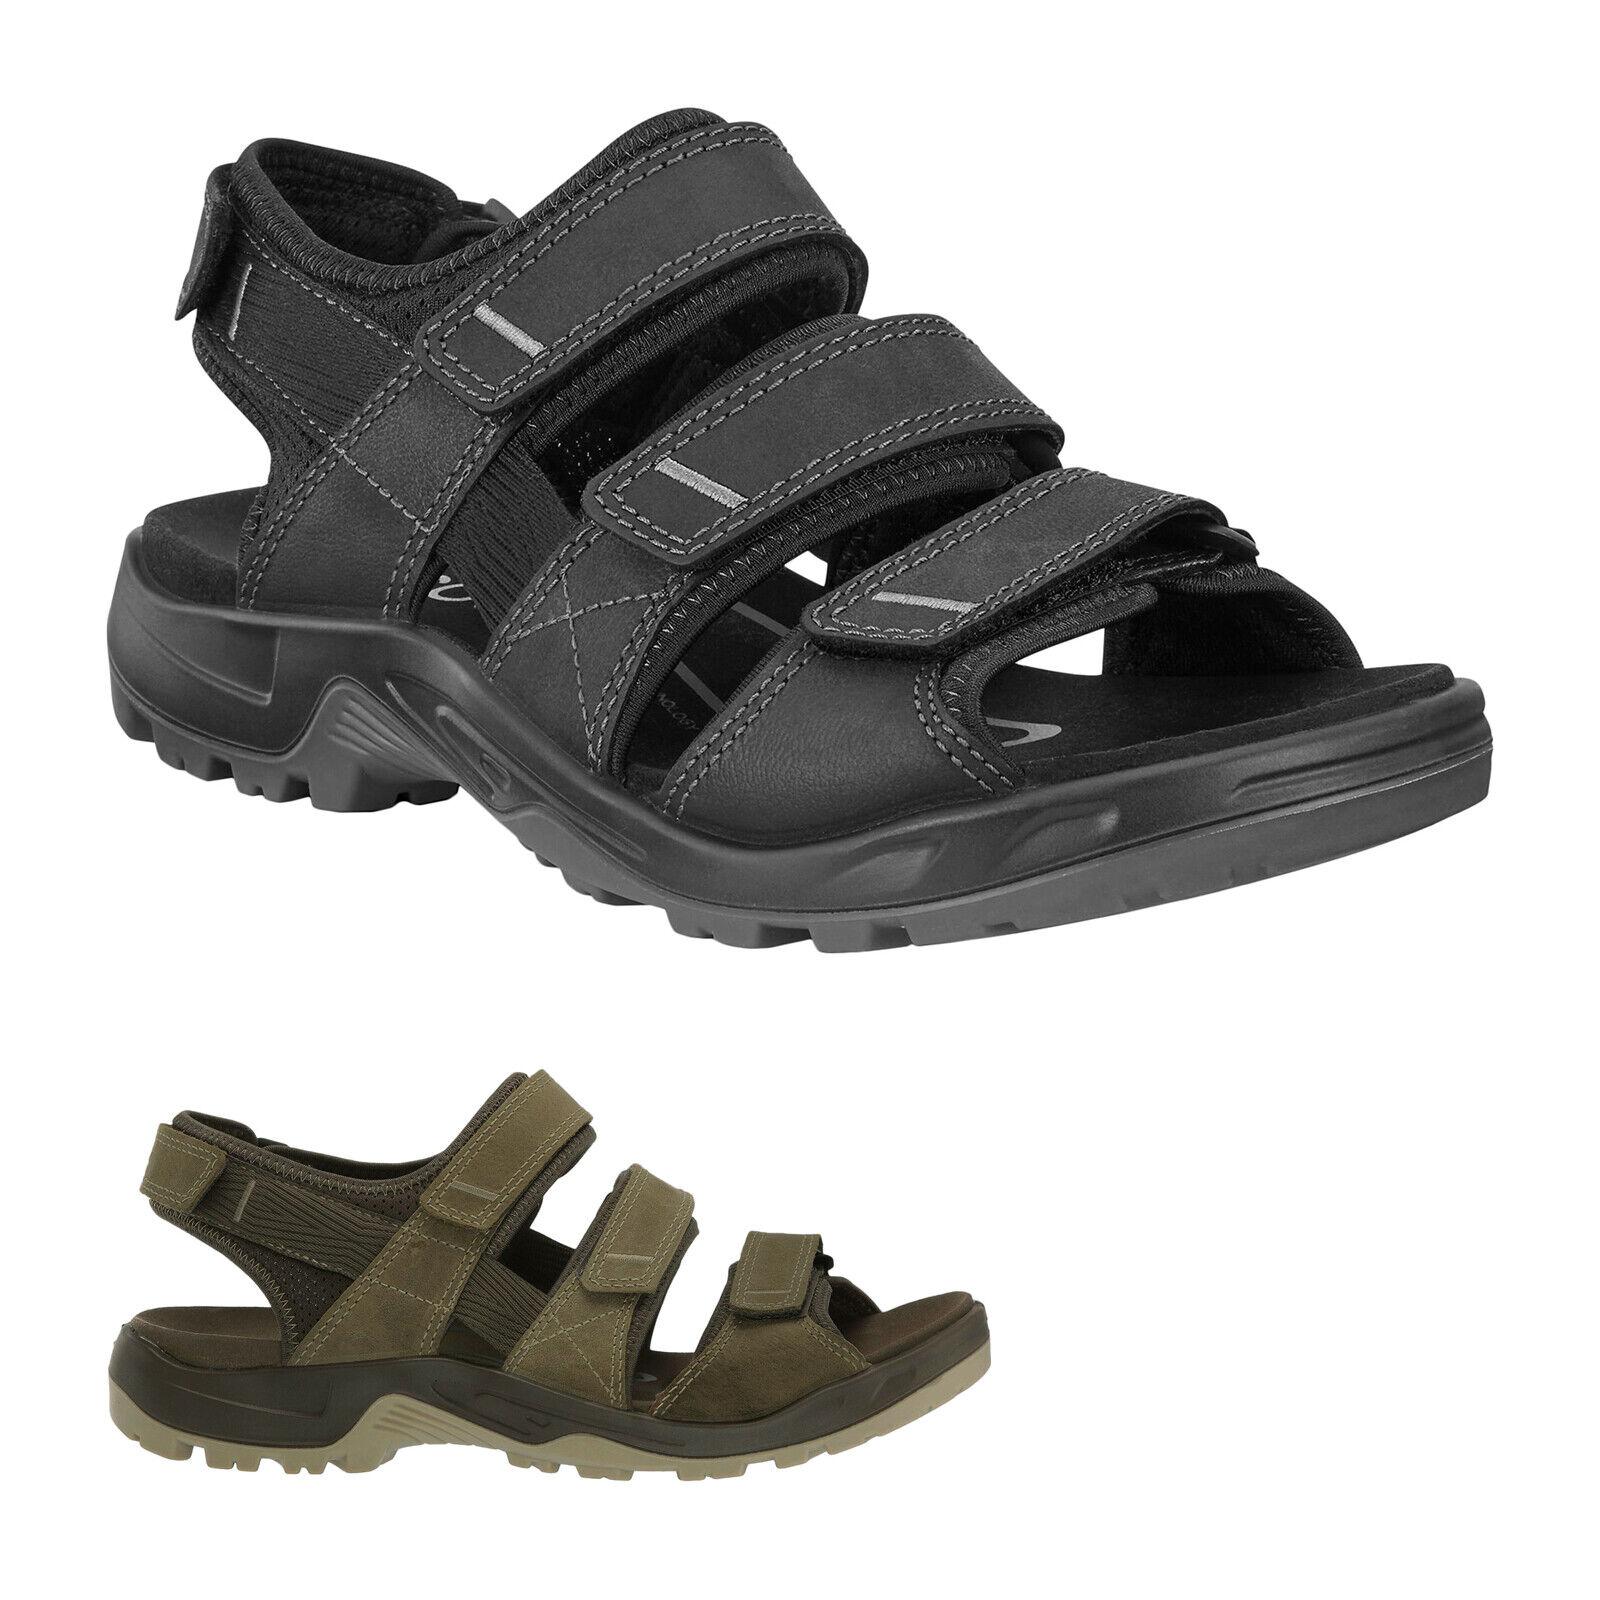 Ecco todoterreno cuero comfortable adjustable outdoor Walking señores sandalias